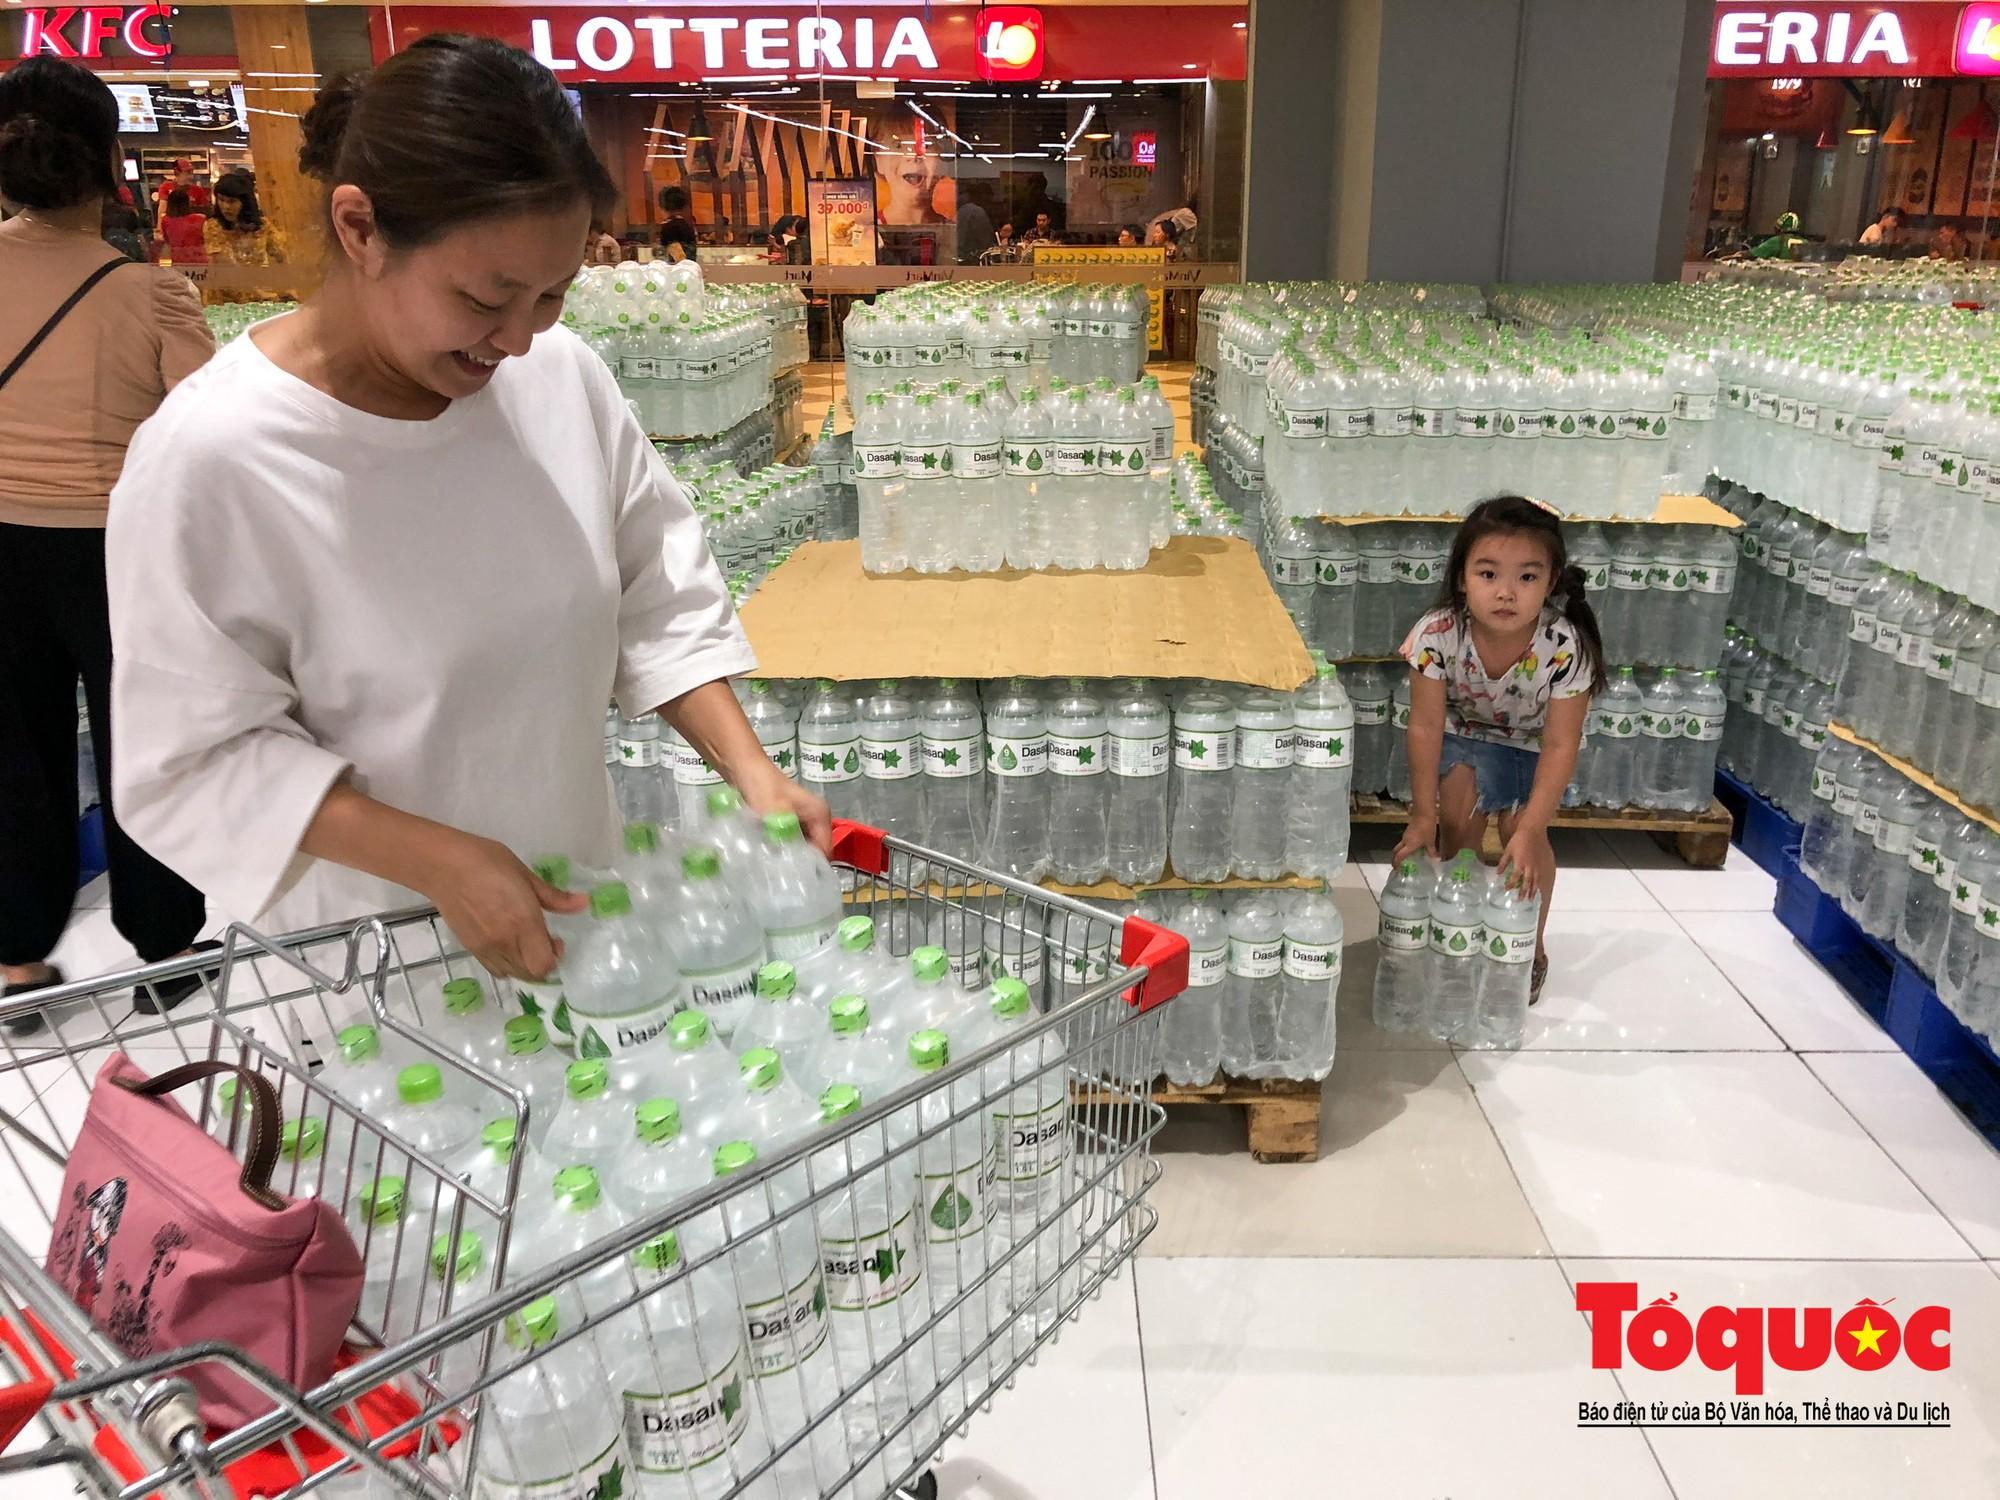 Sợ nước bẩn, người dân đổ xô đến các siêu thi mua nước đóng chai21